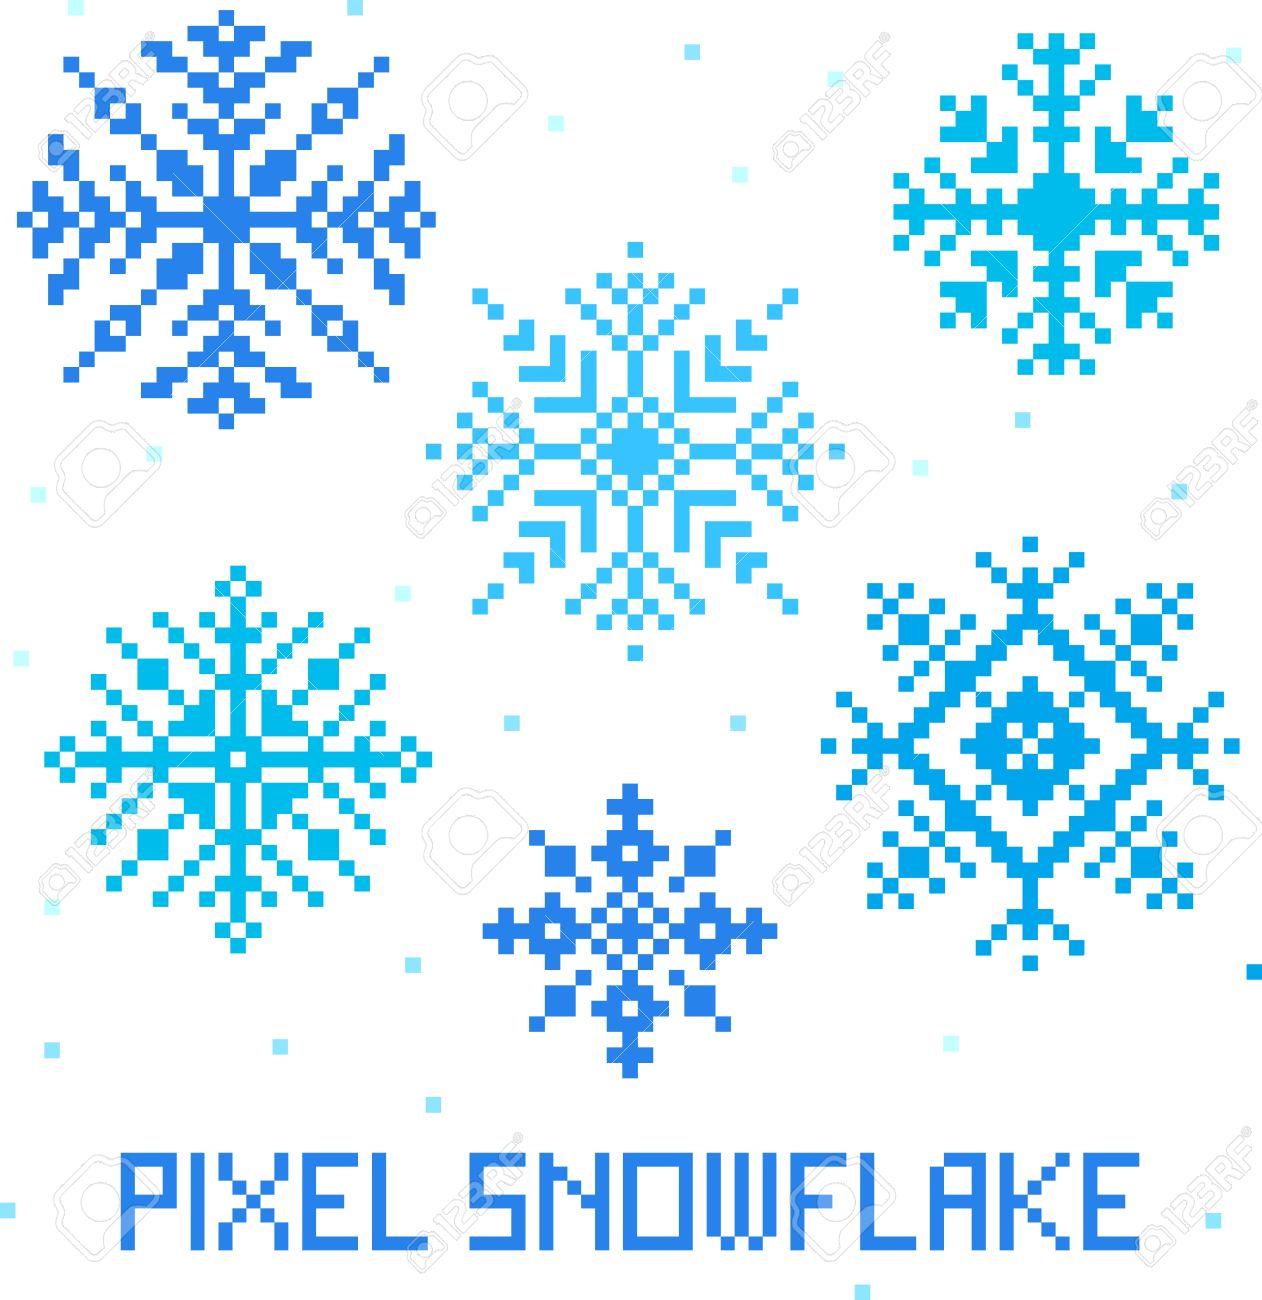 Узор из пикселей